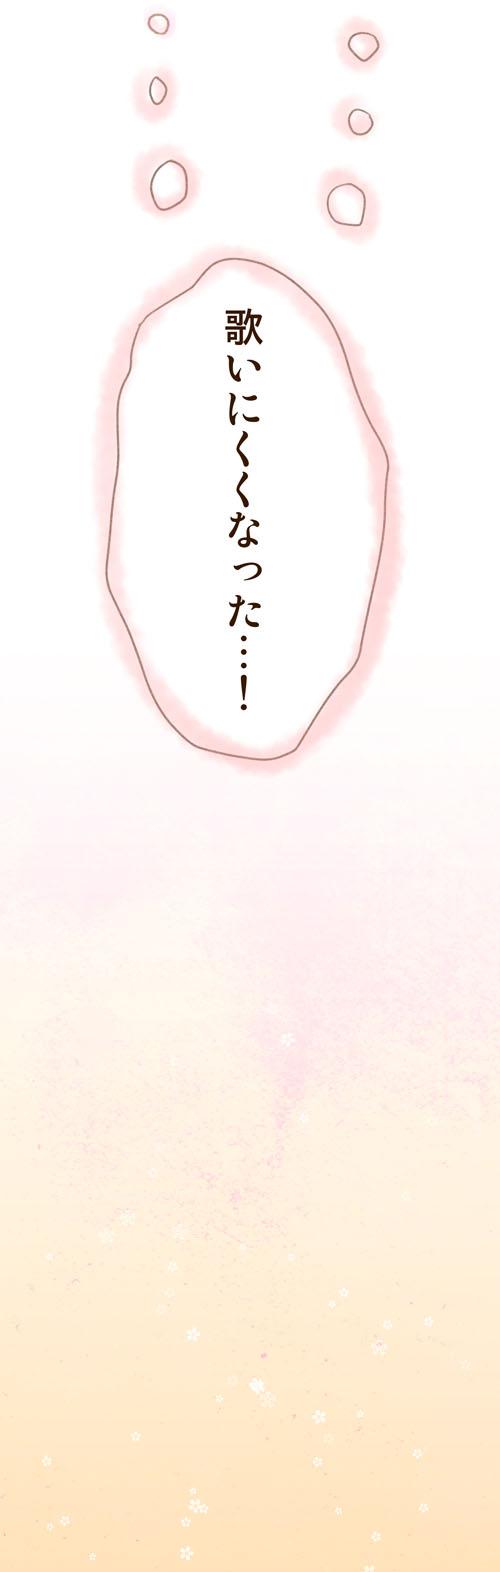 番外編2原稿_010